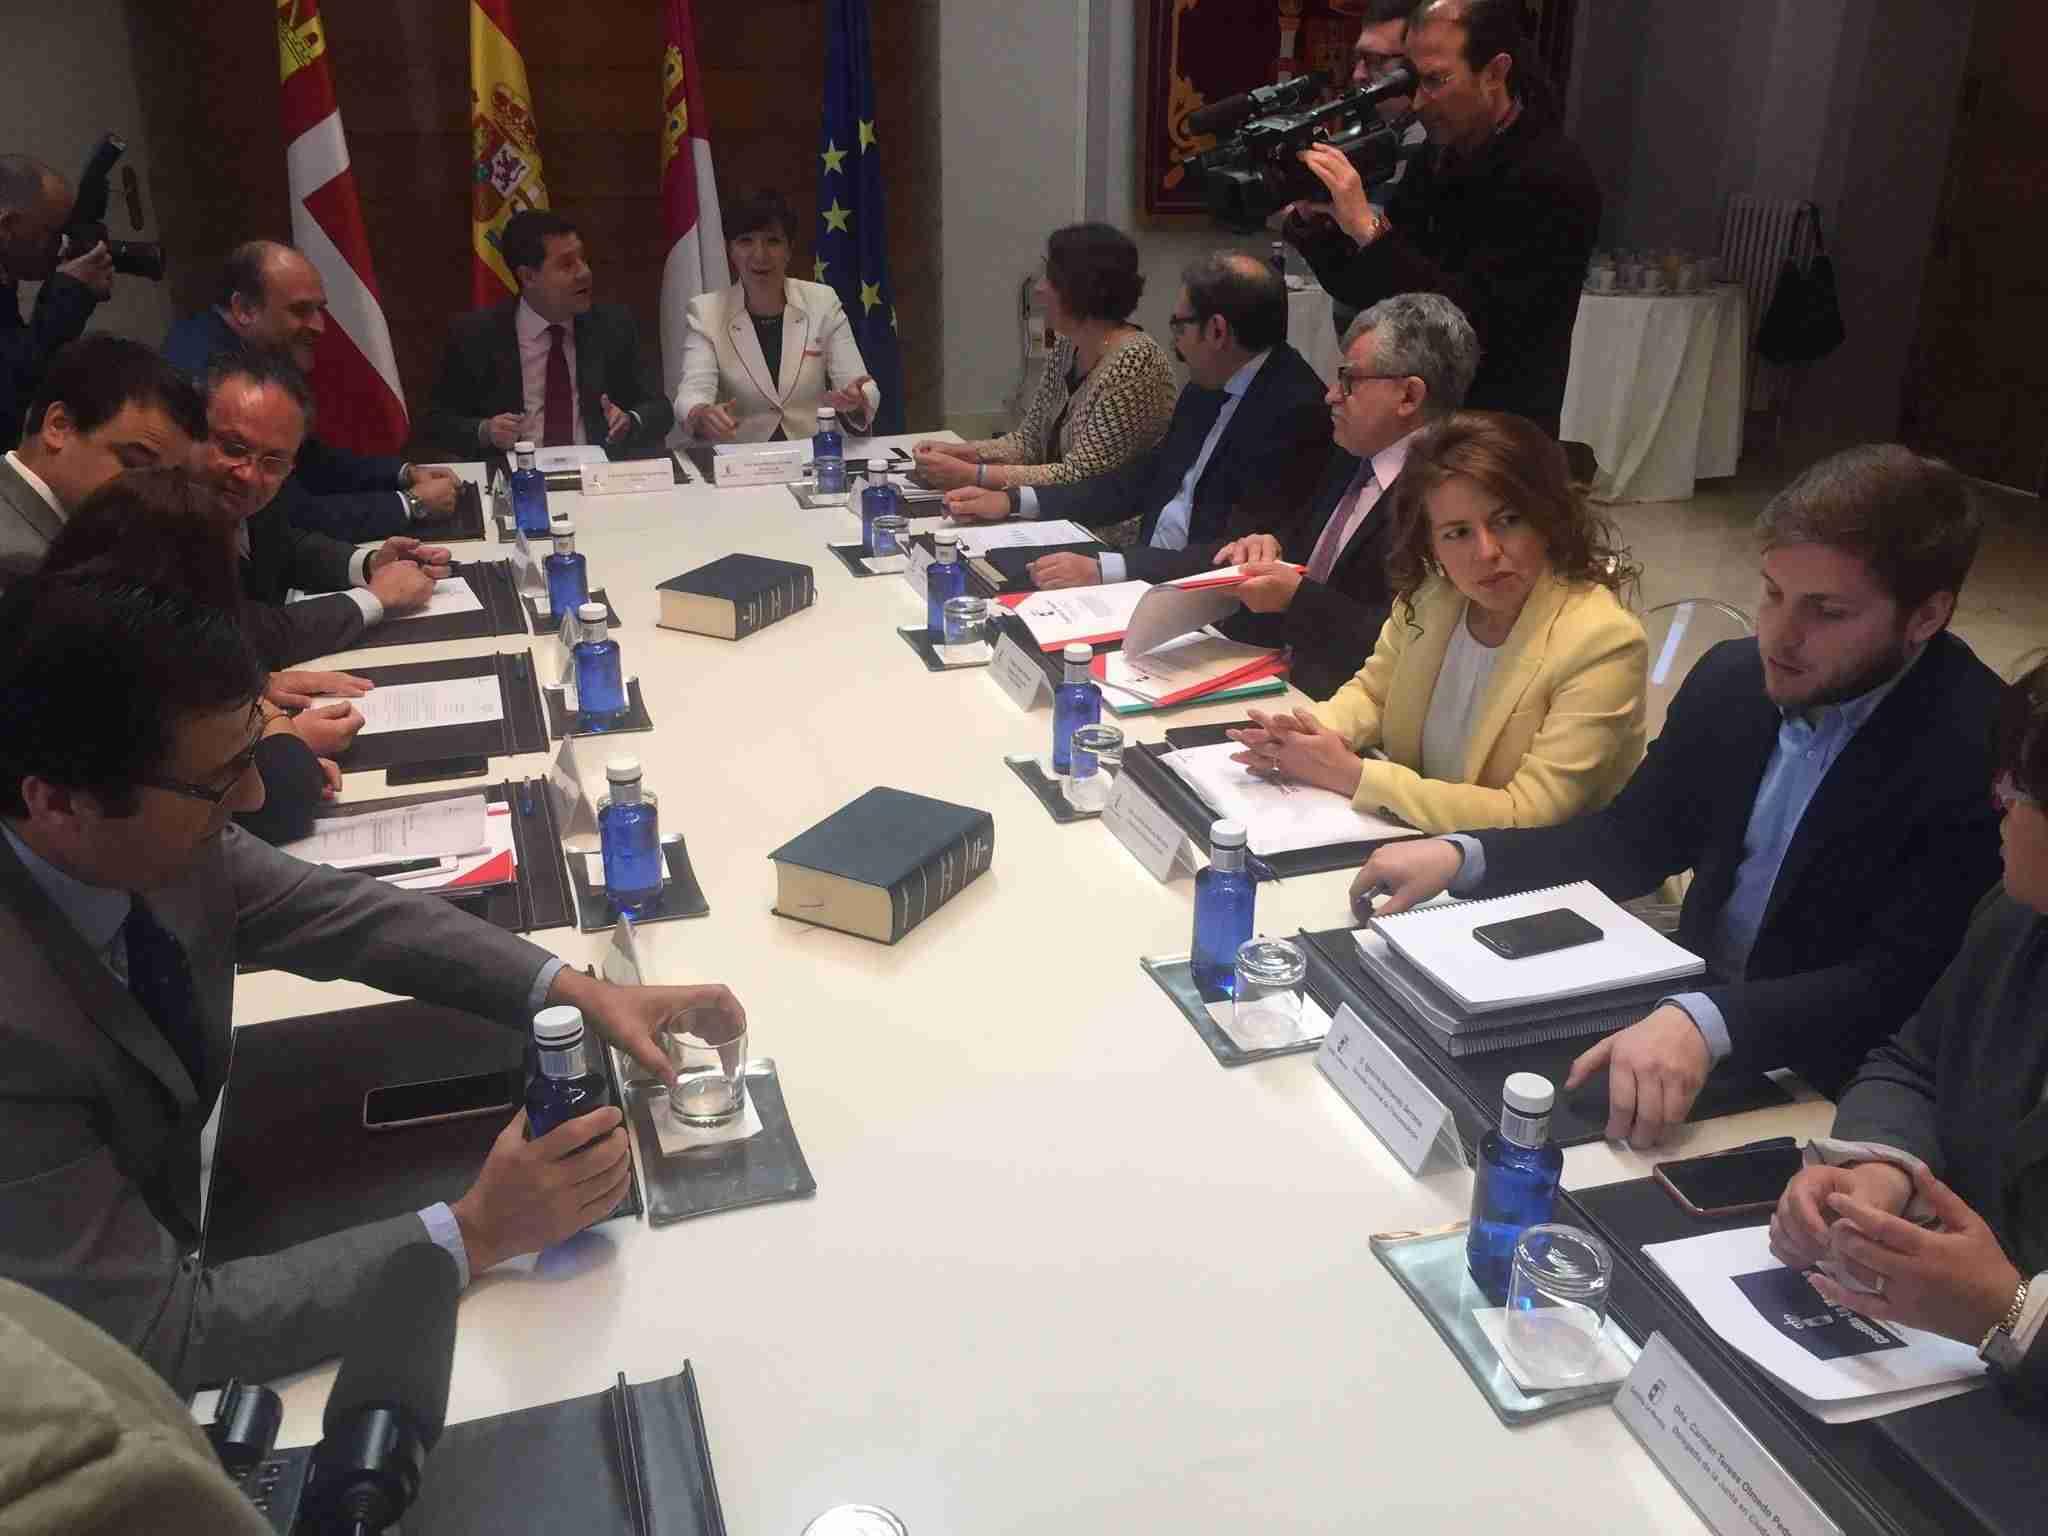 consejo gobierno regional alcazar 2 - Consejo de Gobierno regional itinerante en Alcázar de San Juan